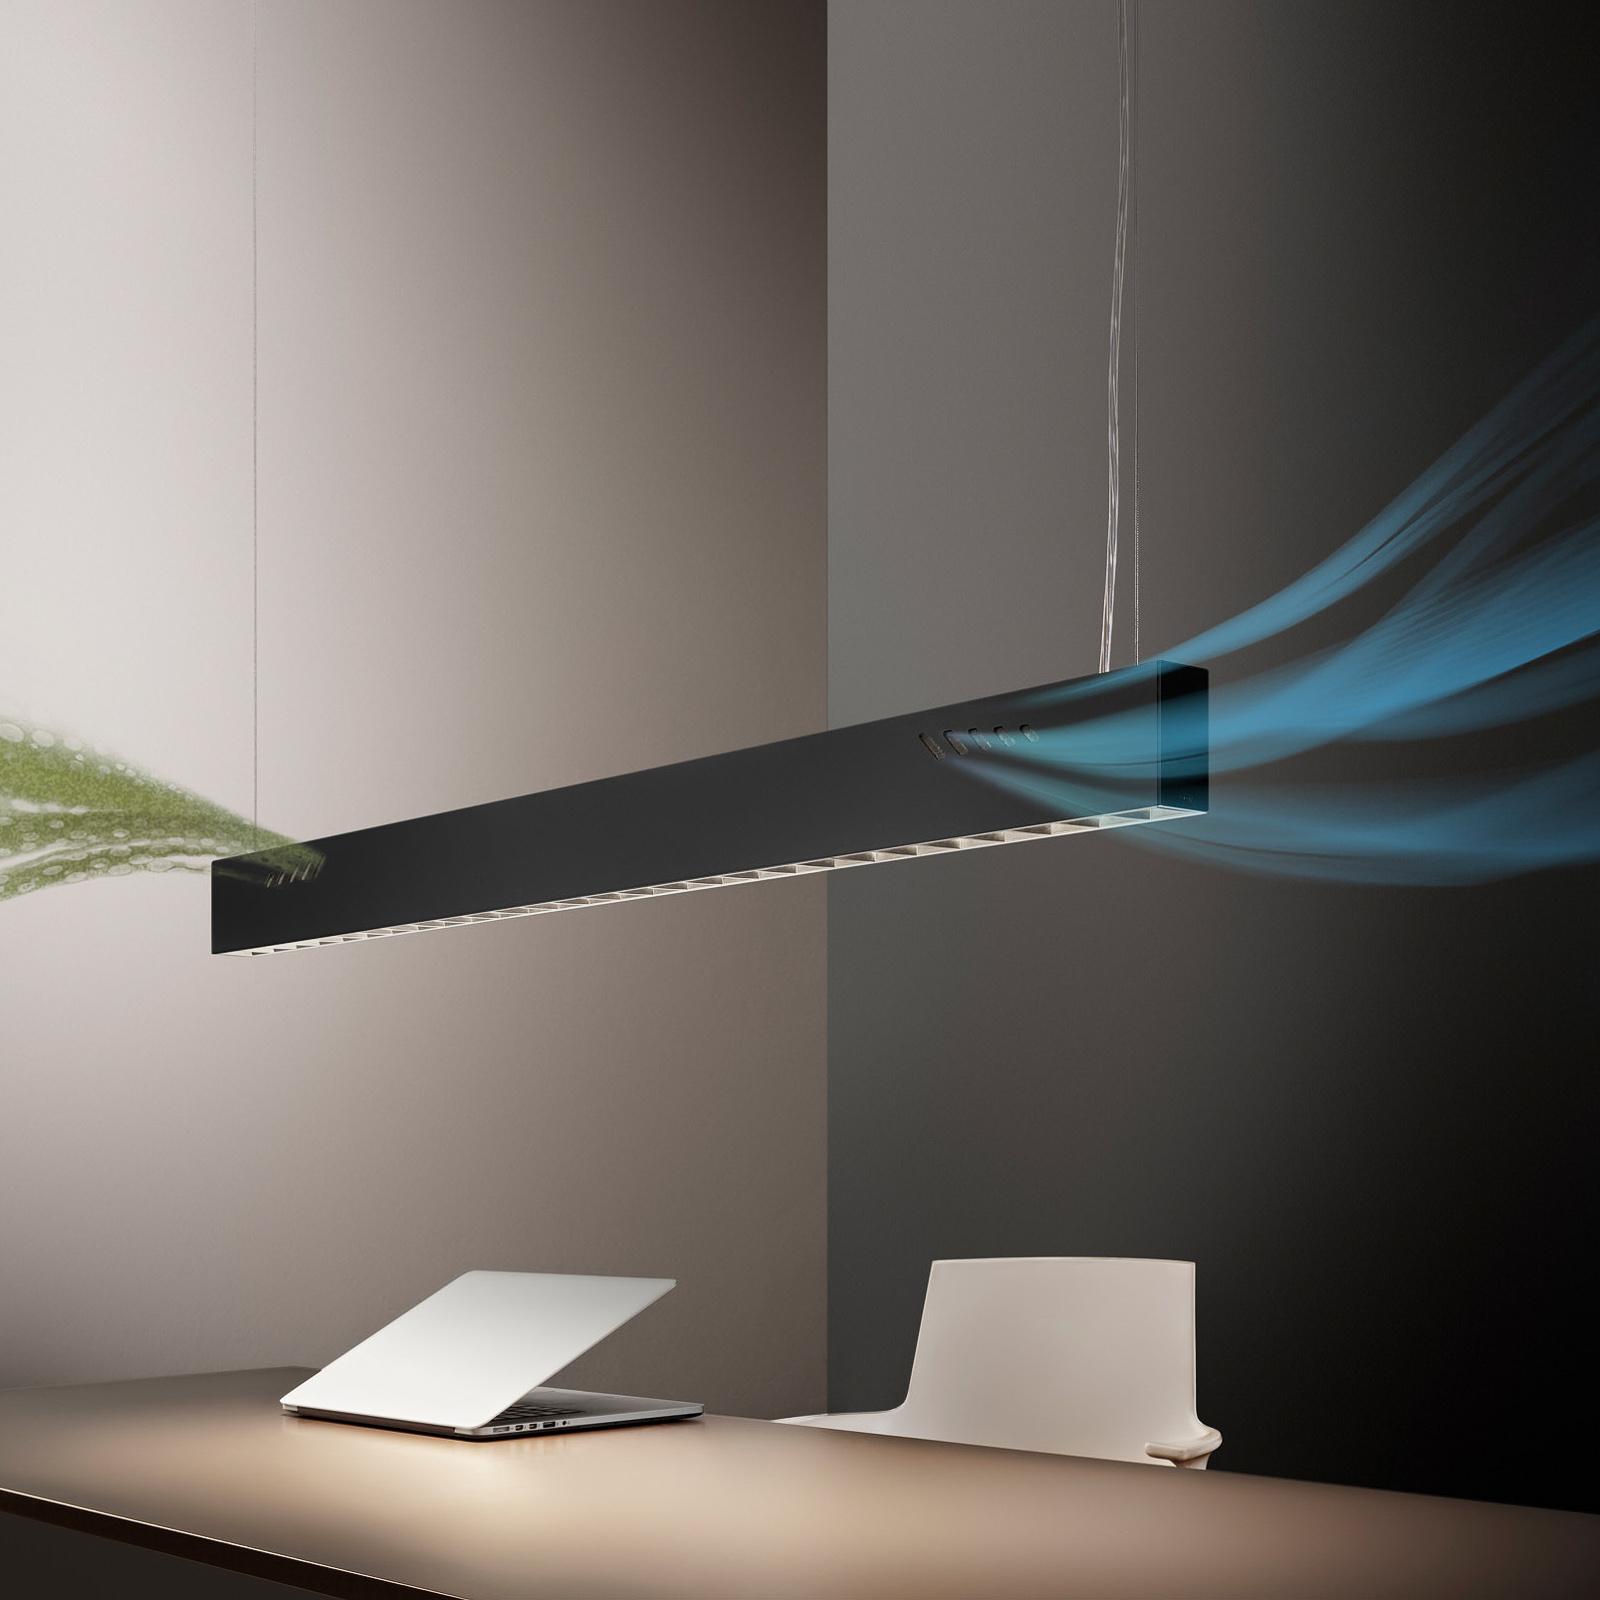 OLEV Pure BioAir LED-Hängeleuchte, 3.000 K schwarz